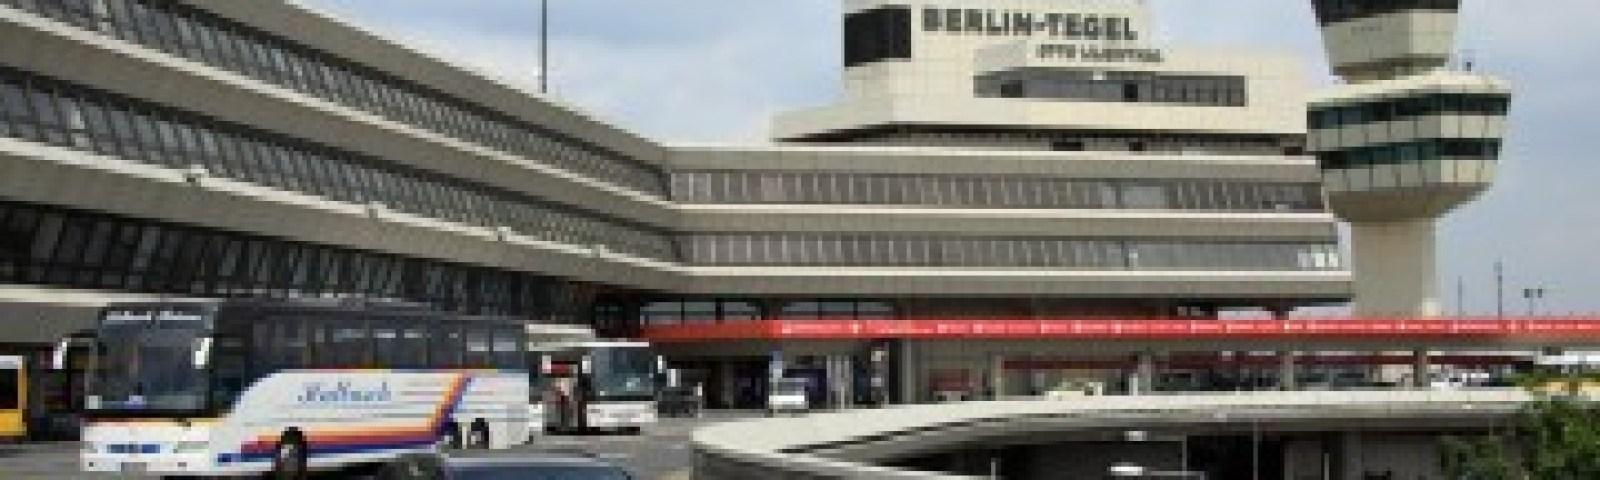 Онлайн-табло берлинских аэропортов: точное и удобное